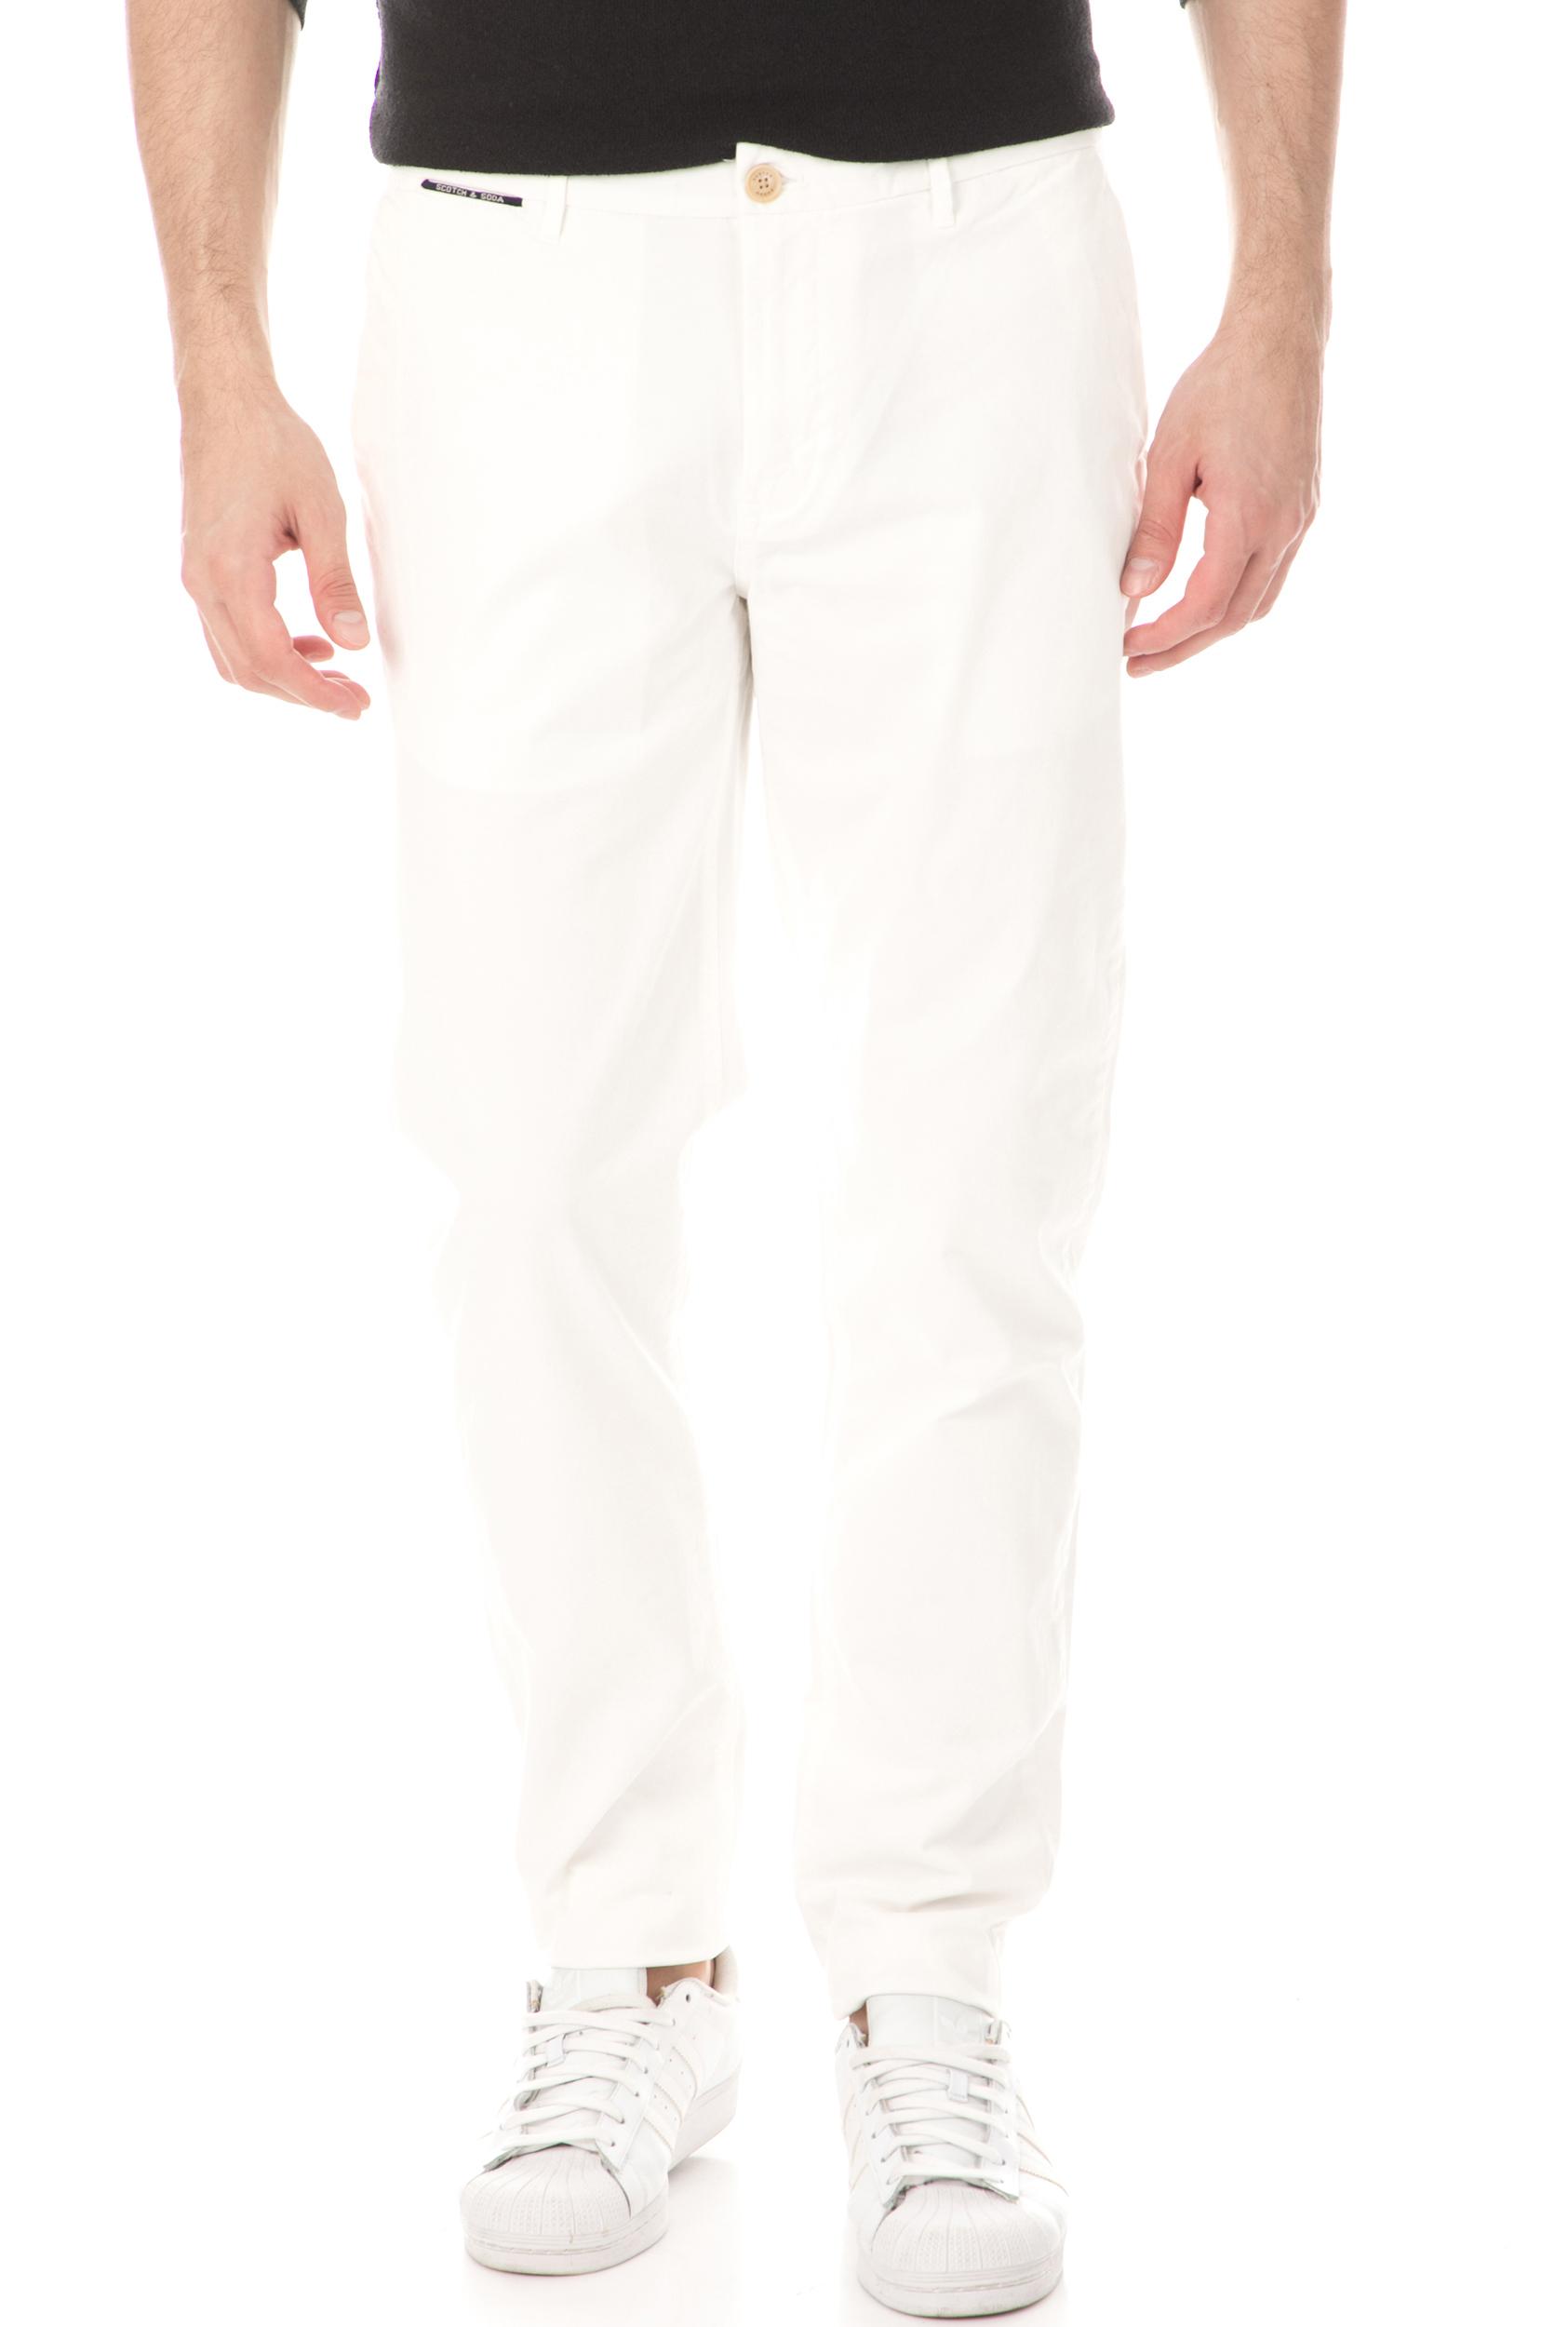 SCOTCH & SODA - Ανδρικό παντελόνι SCOTCH & SODA λευκό